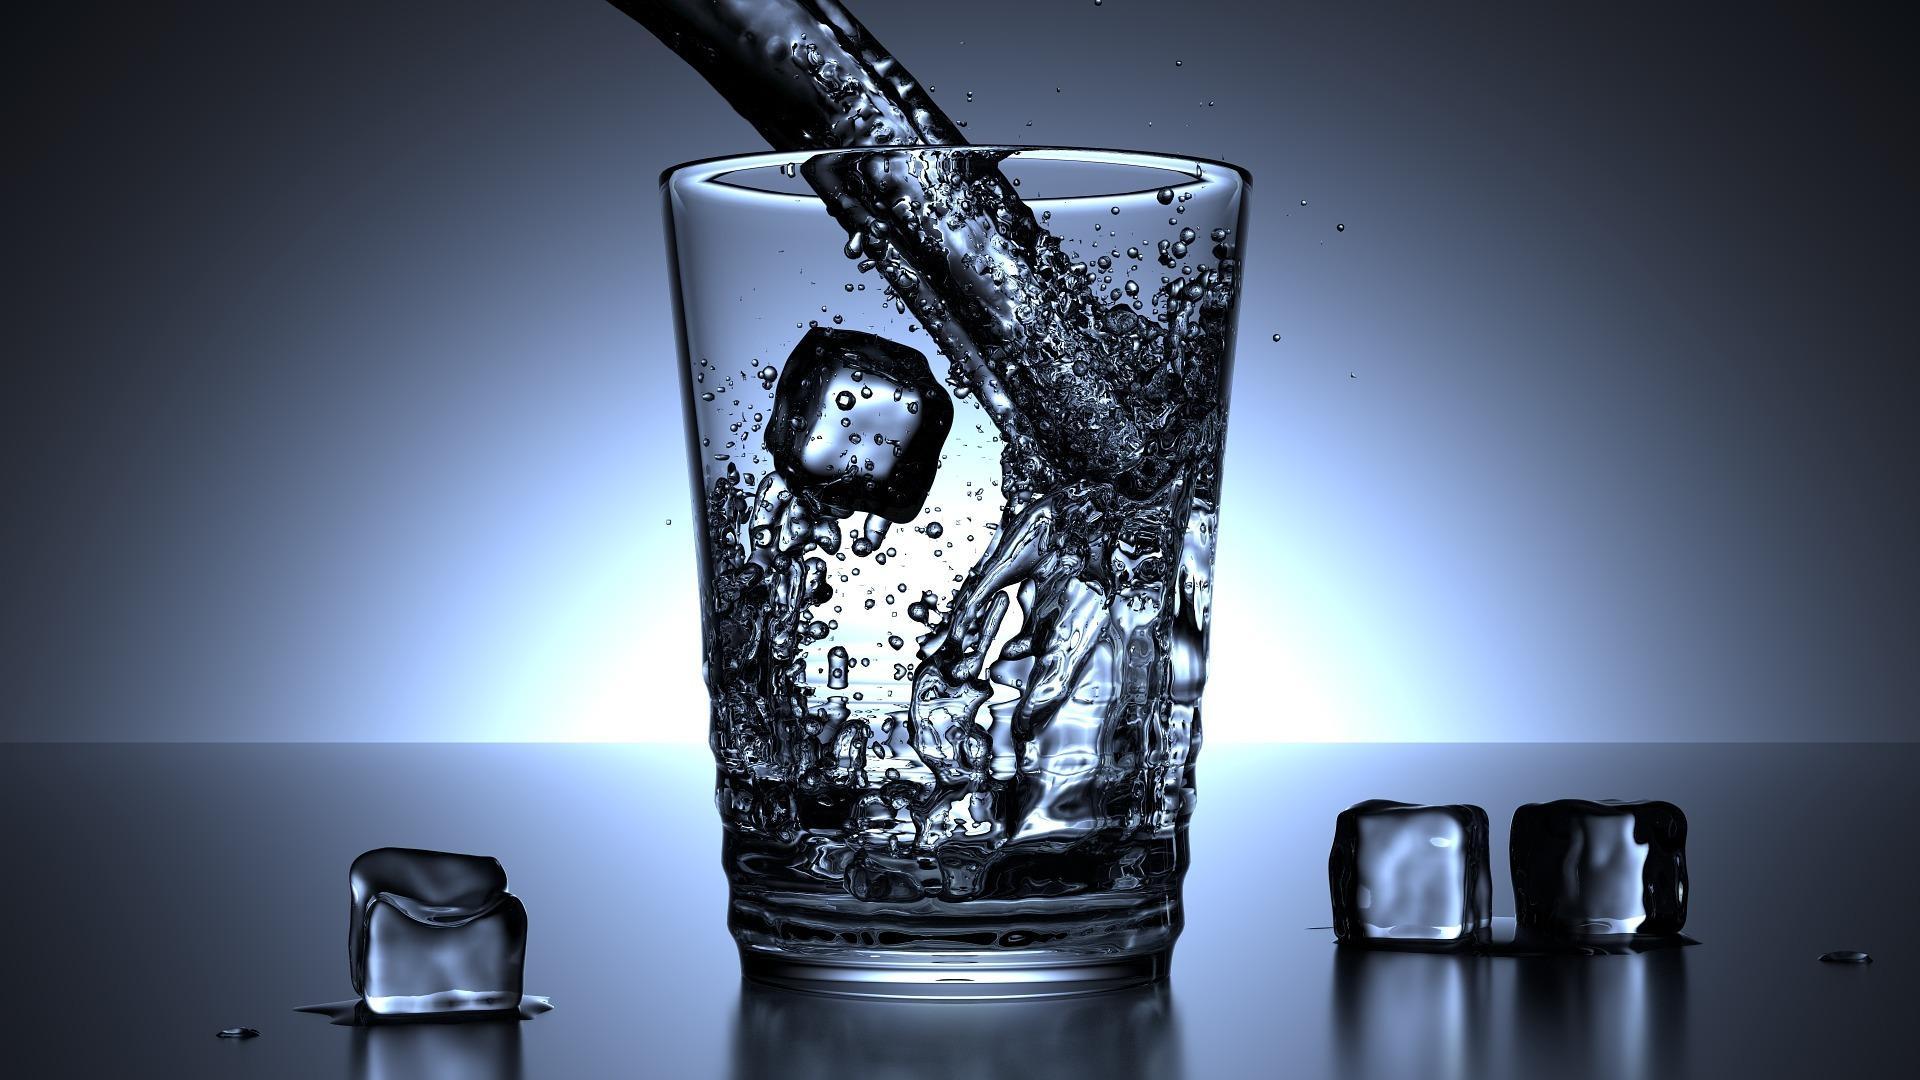 Imagen a contraluz de un vaso de agua y unos cubitos de hielo en una mesa